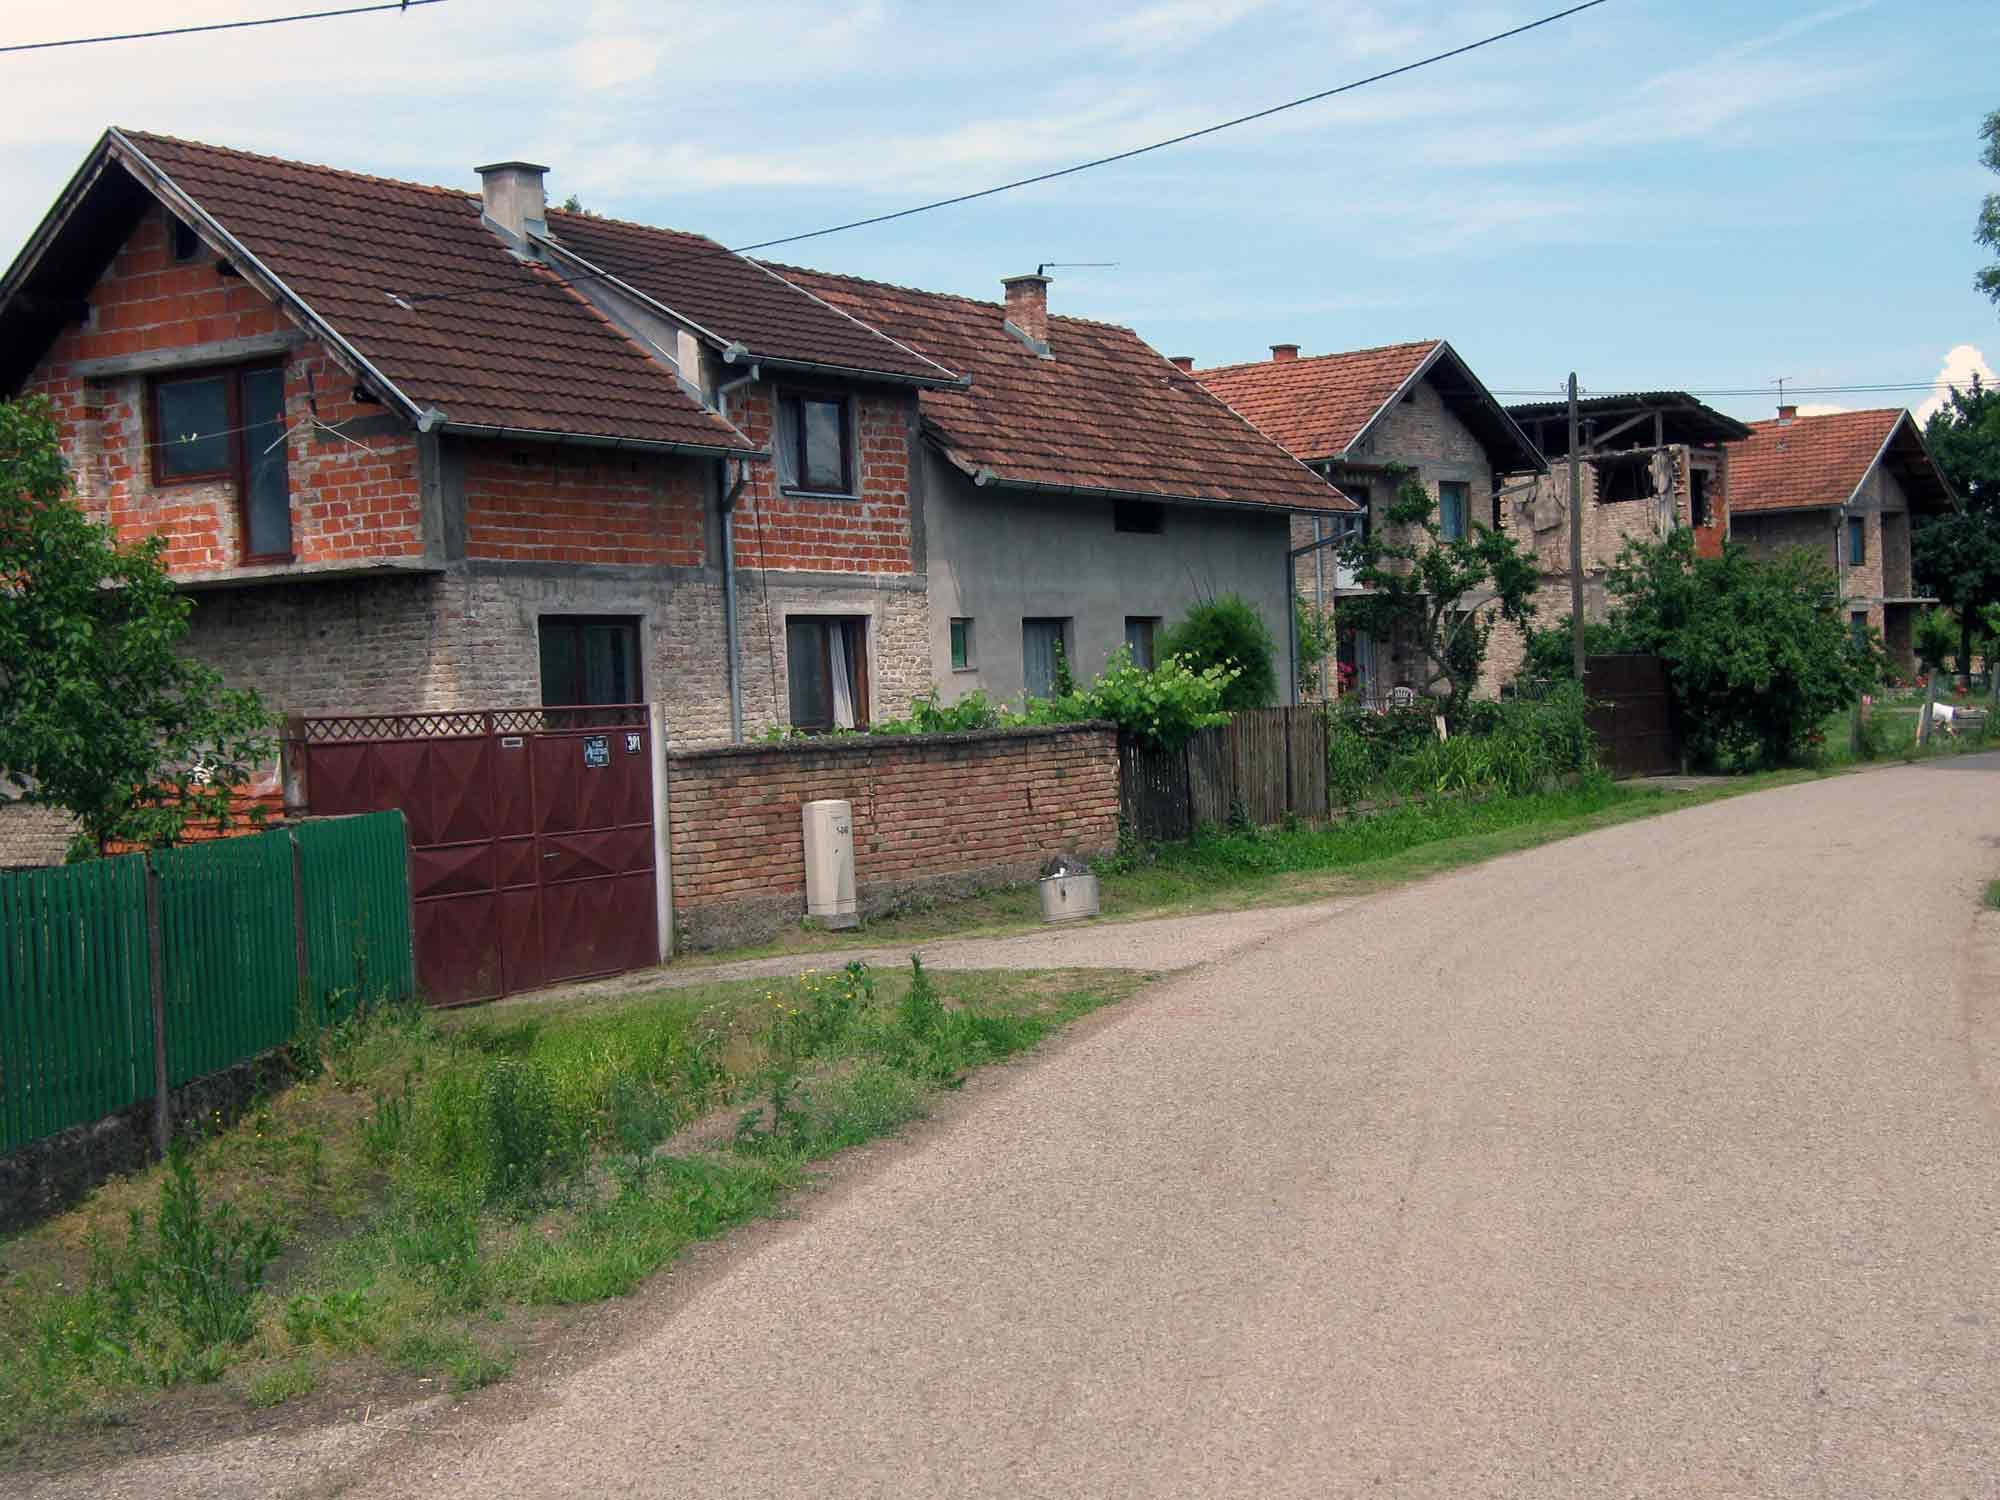 http://jadovno.com/tl_files/ug_jadovno/img/otadzbinski_rat/Sijekovac_naselje.jpg